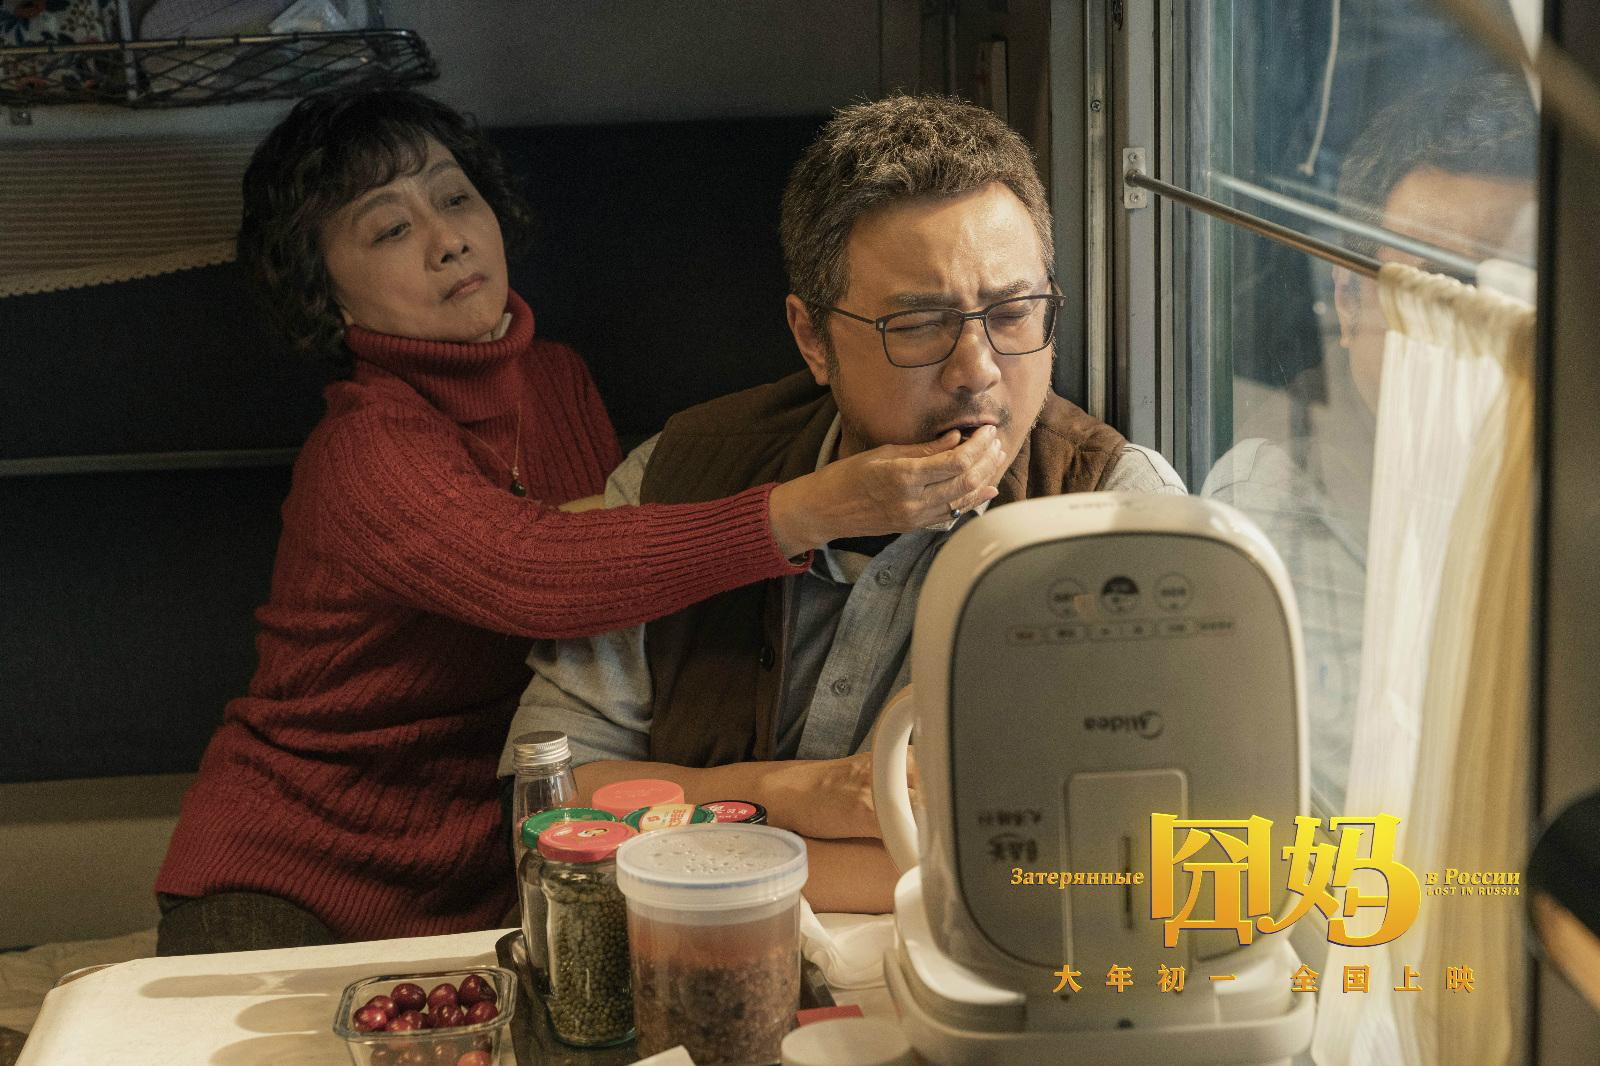 """春节档遇""""程咬金"""",史上最热春节档恐成泡影!《囧妈》要亏了?"""